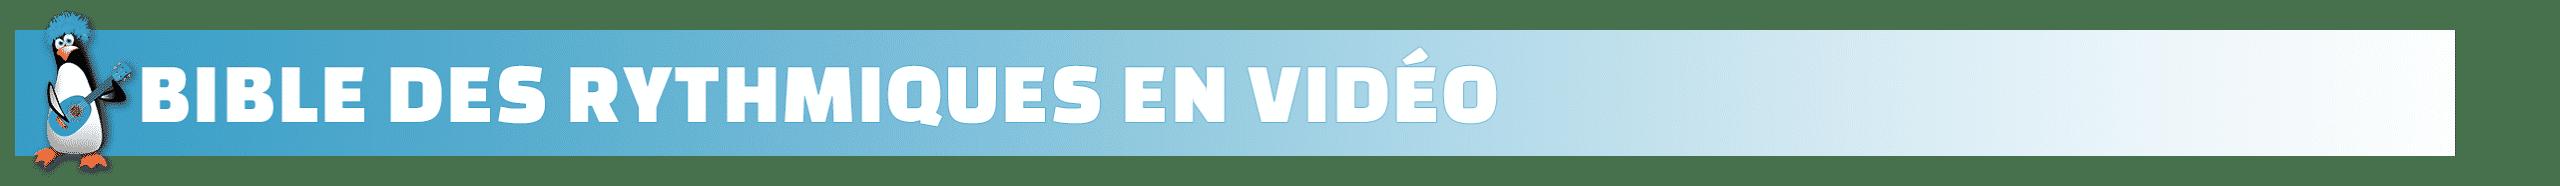 Bible des rythmiques en video